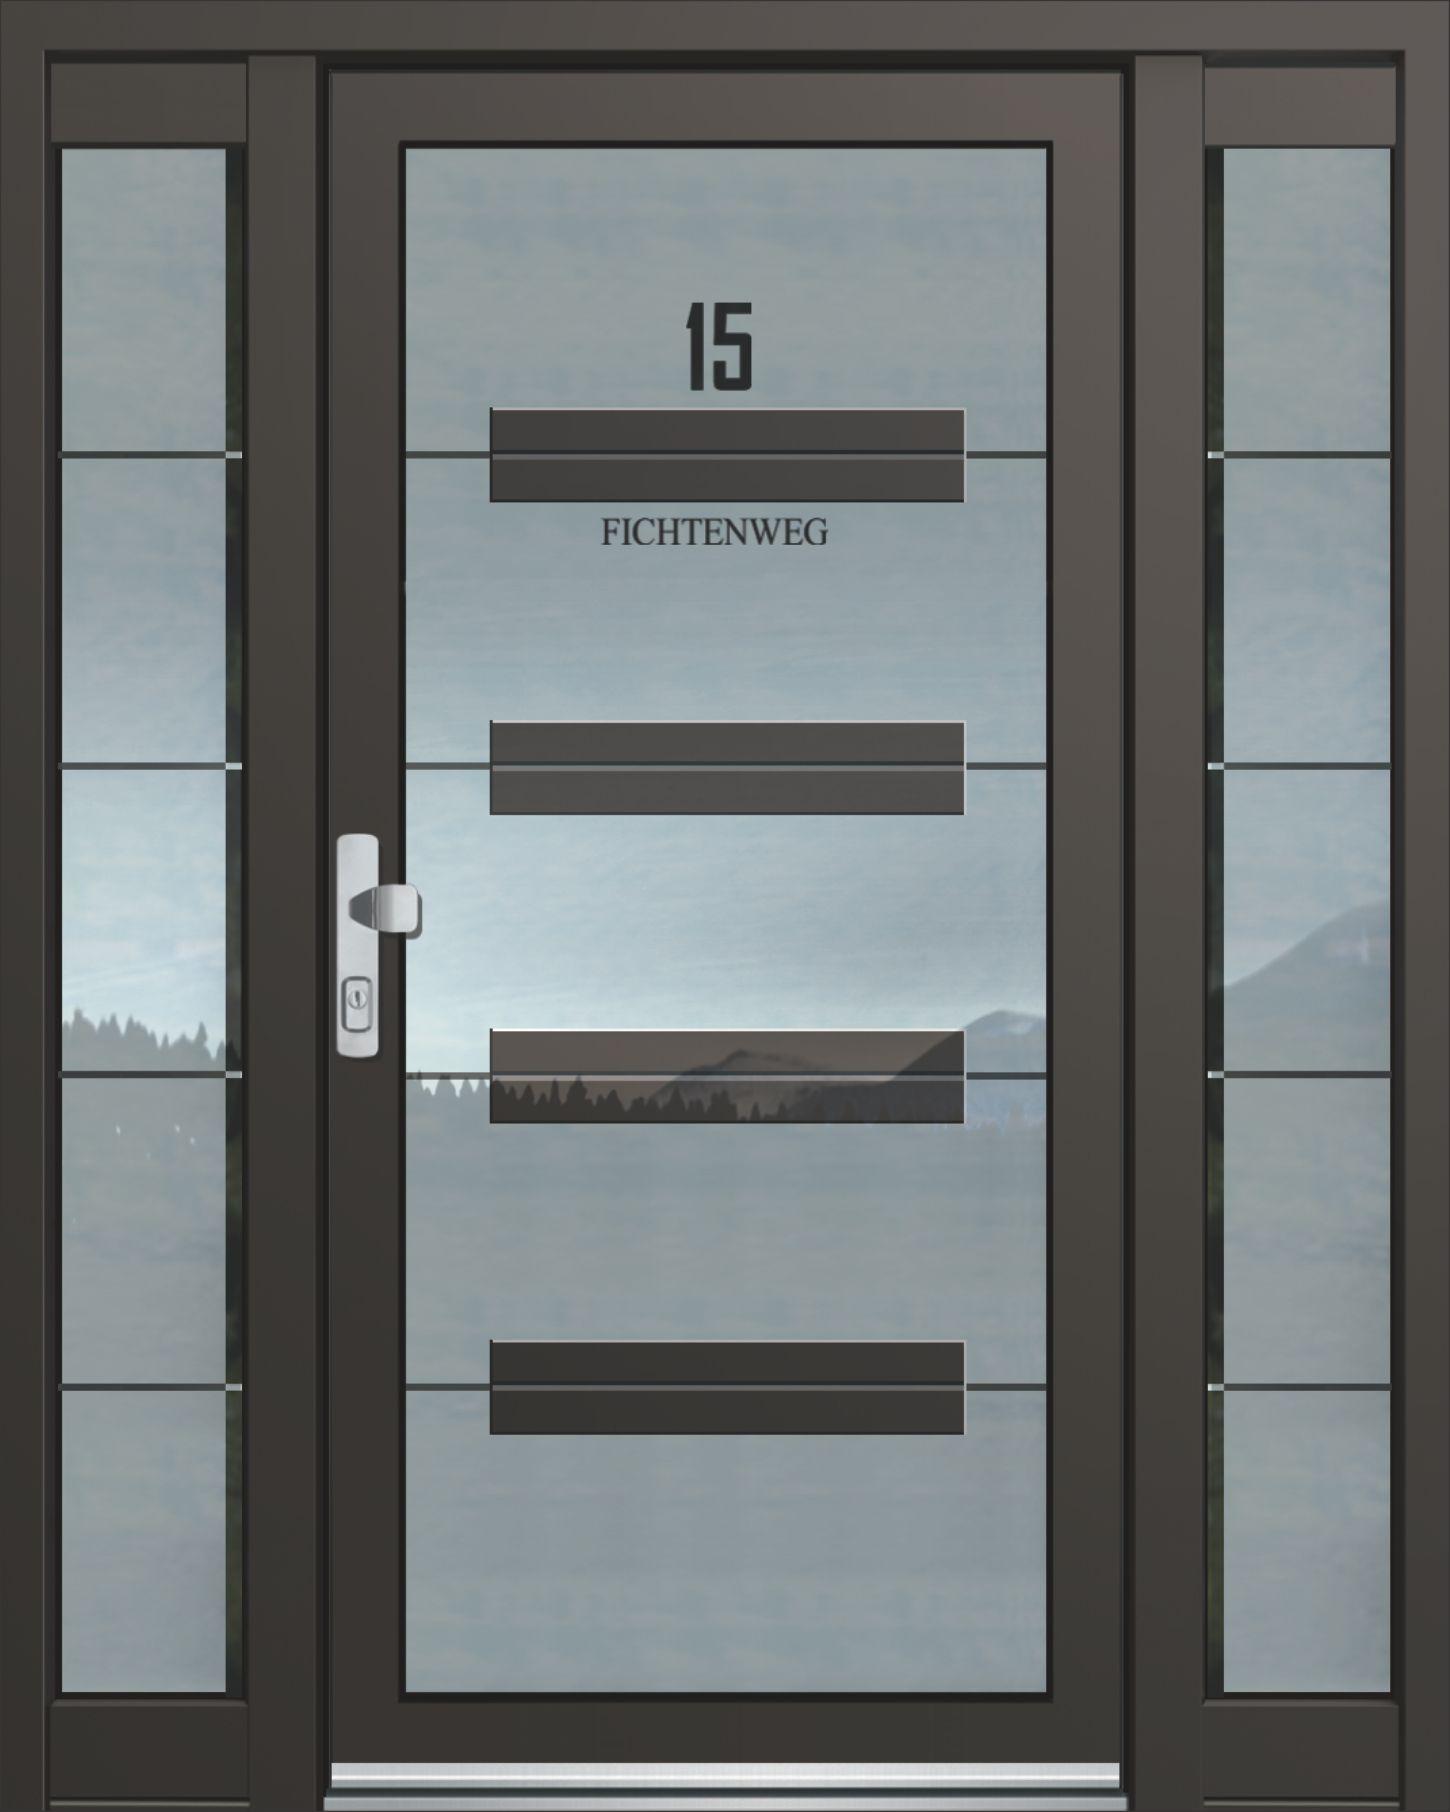 Charming Inotherm Haustür Modell ASS 1843 Tür Mit Viel Glas Preis Auf Anfrage Bei  Www.1001